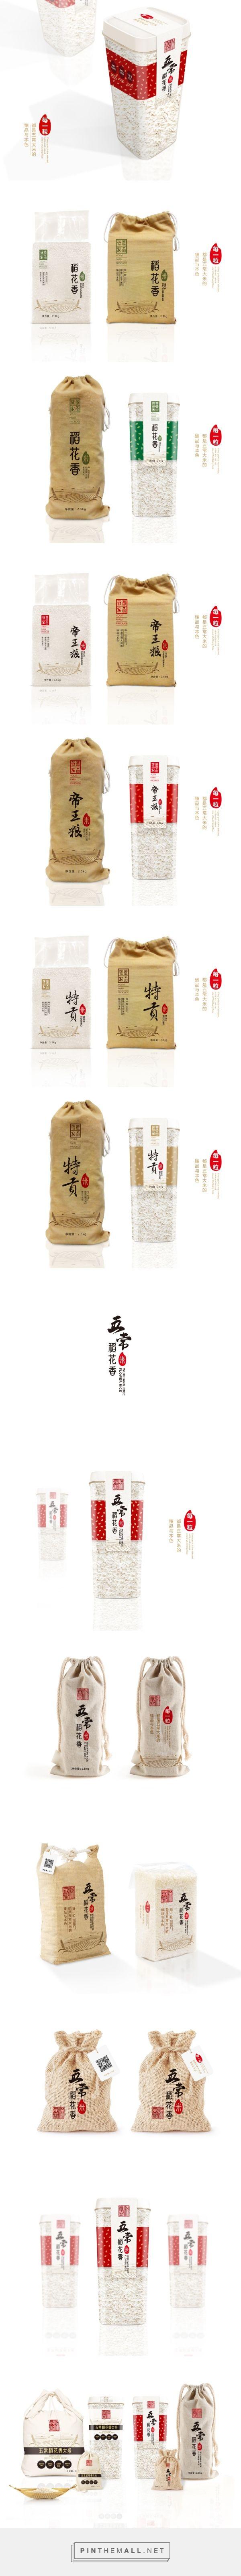 品香源|包装|平面|鹤南轩 - 原创设计作品 - 站酷 (ZCOOL) - created via http://pinthemall.net